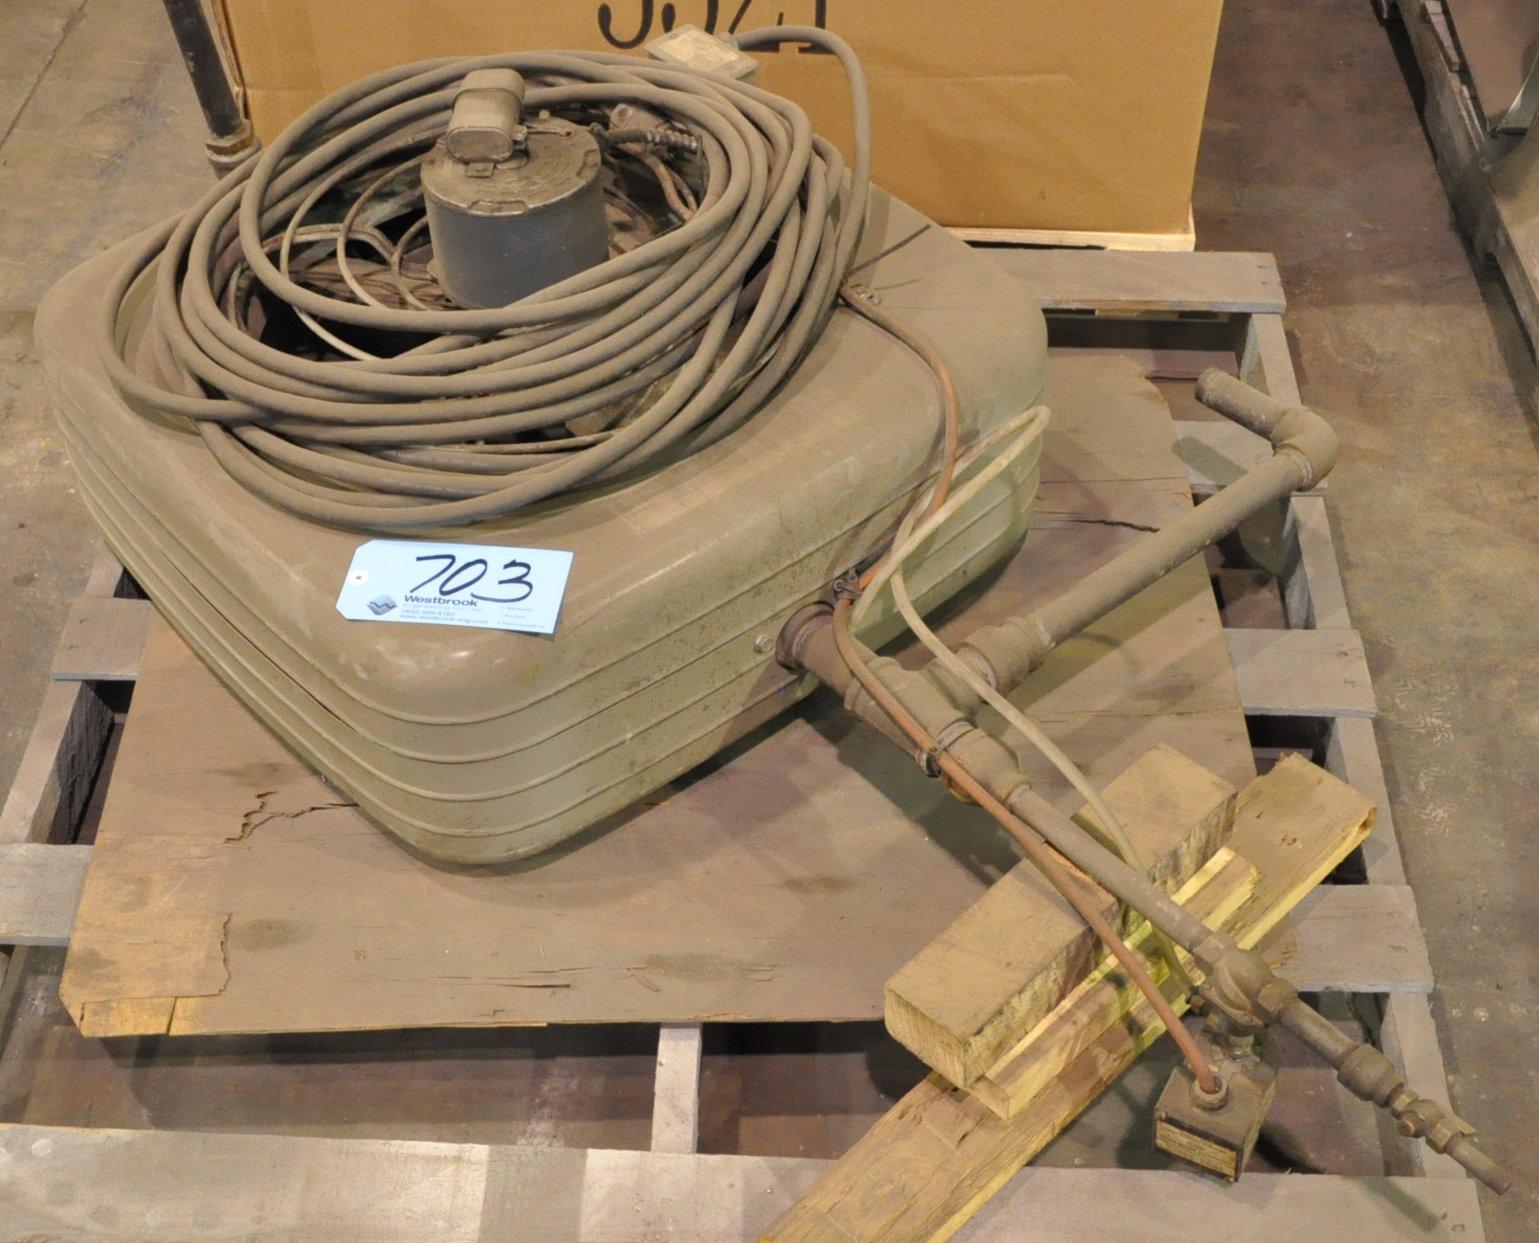 Box Cooler on (1) Pallet